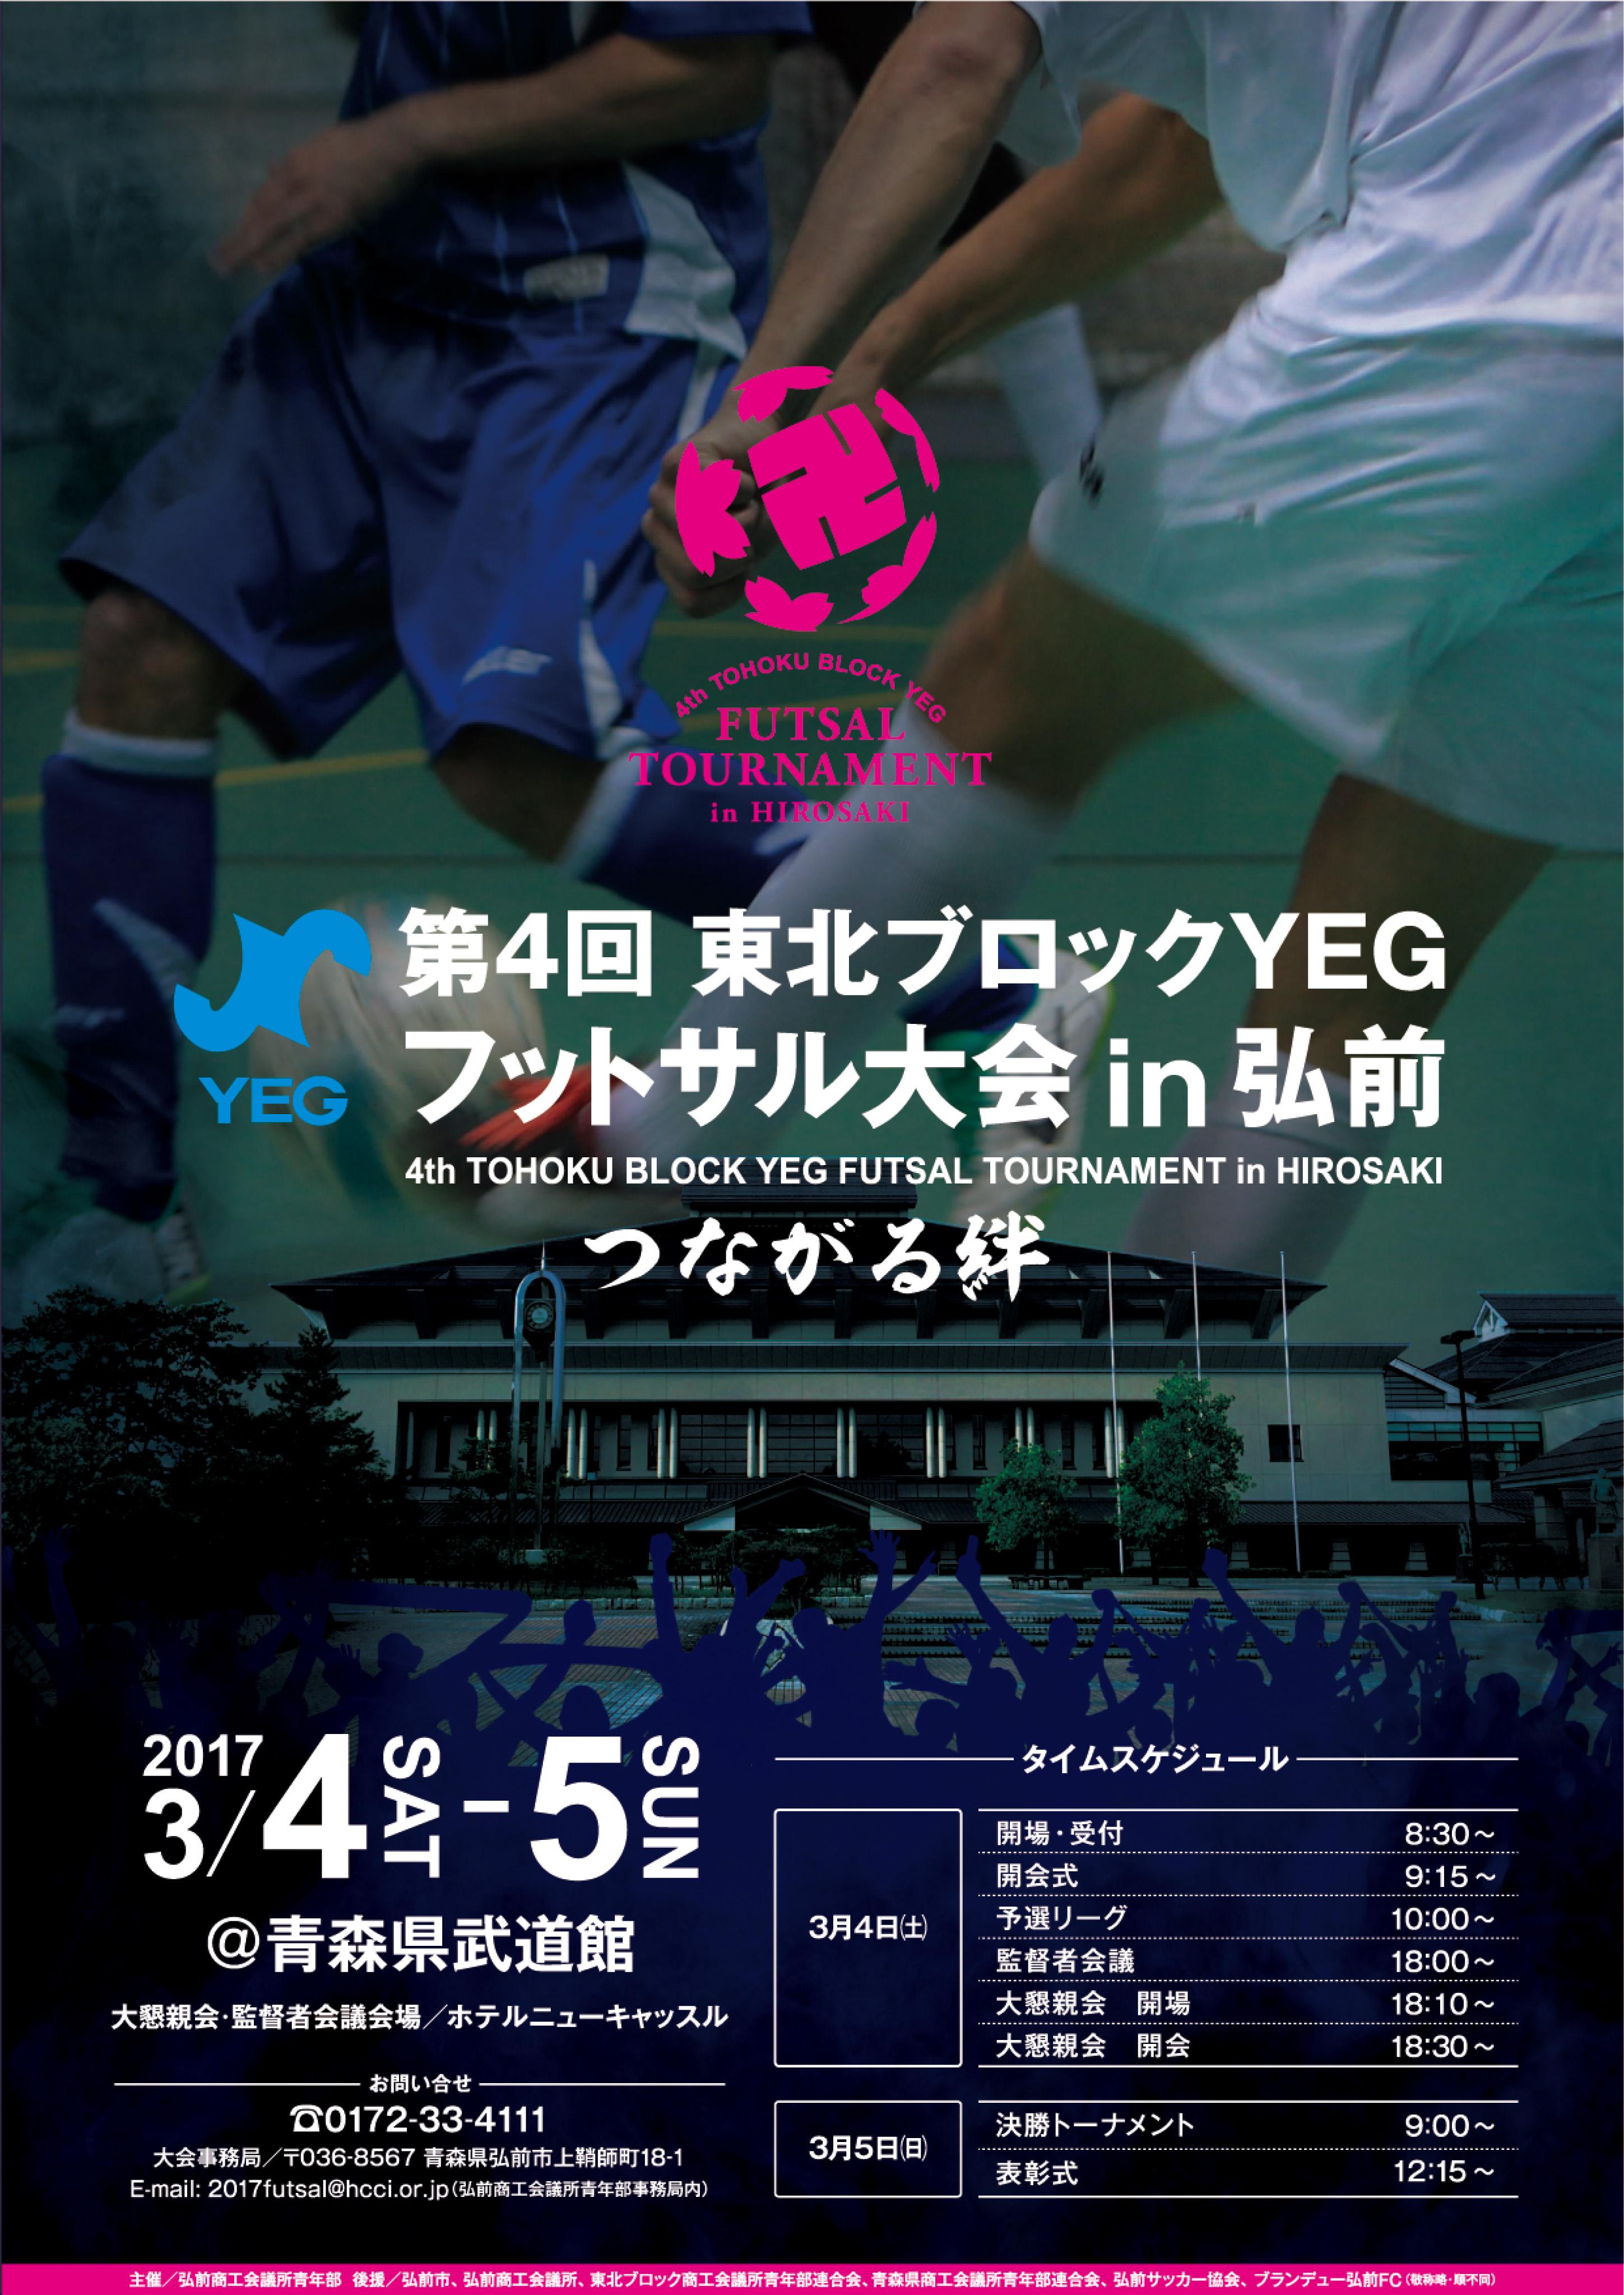 第4回 東北ブロックYEGフットサル大会 in 弘前